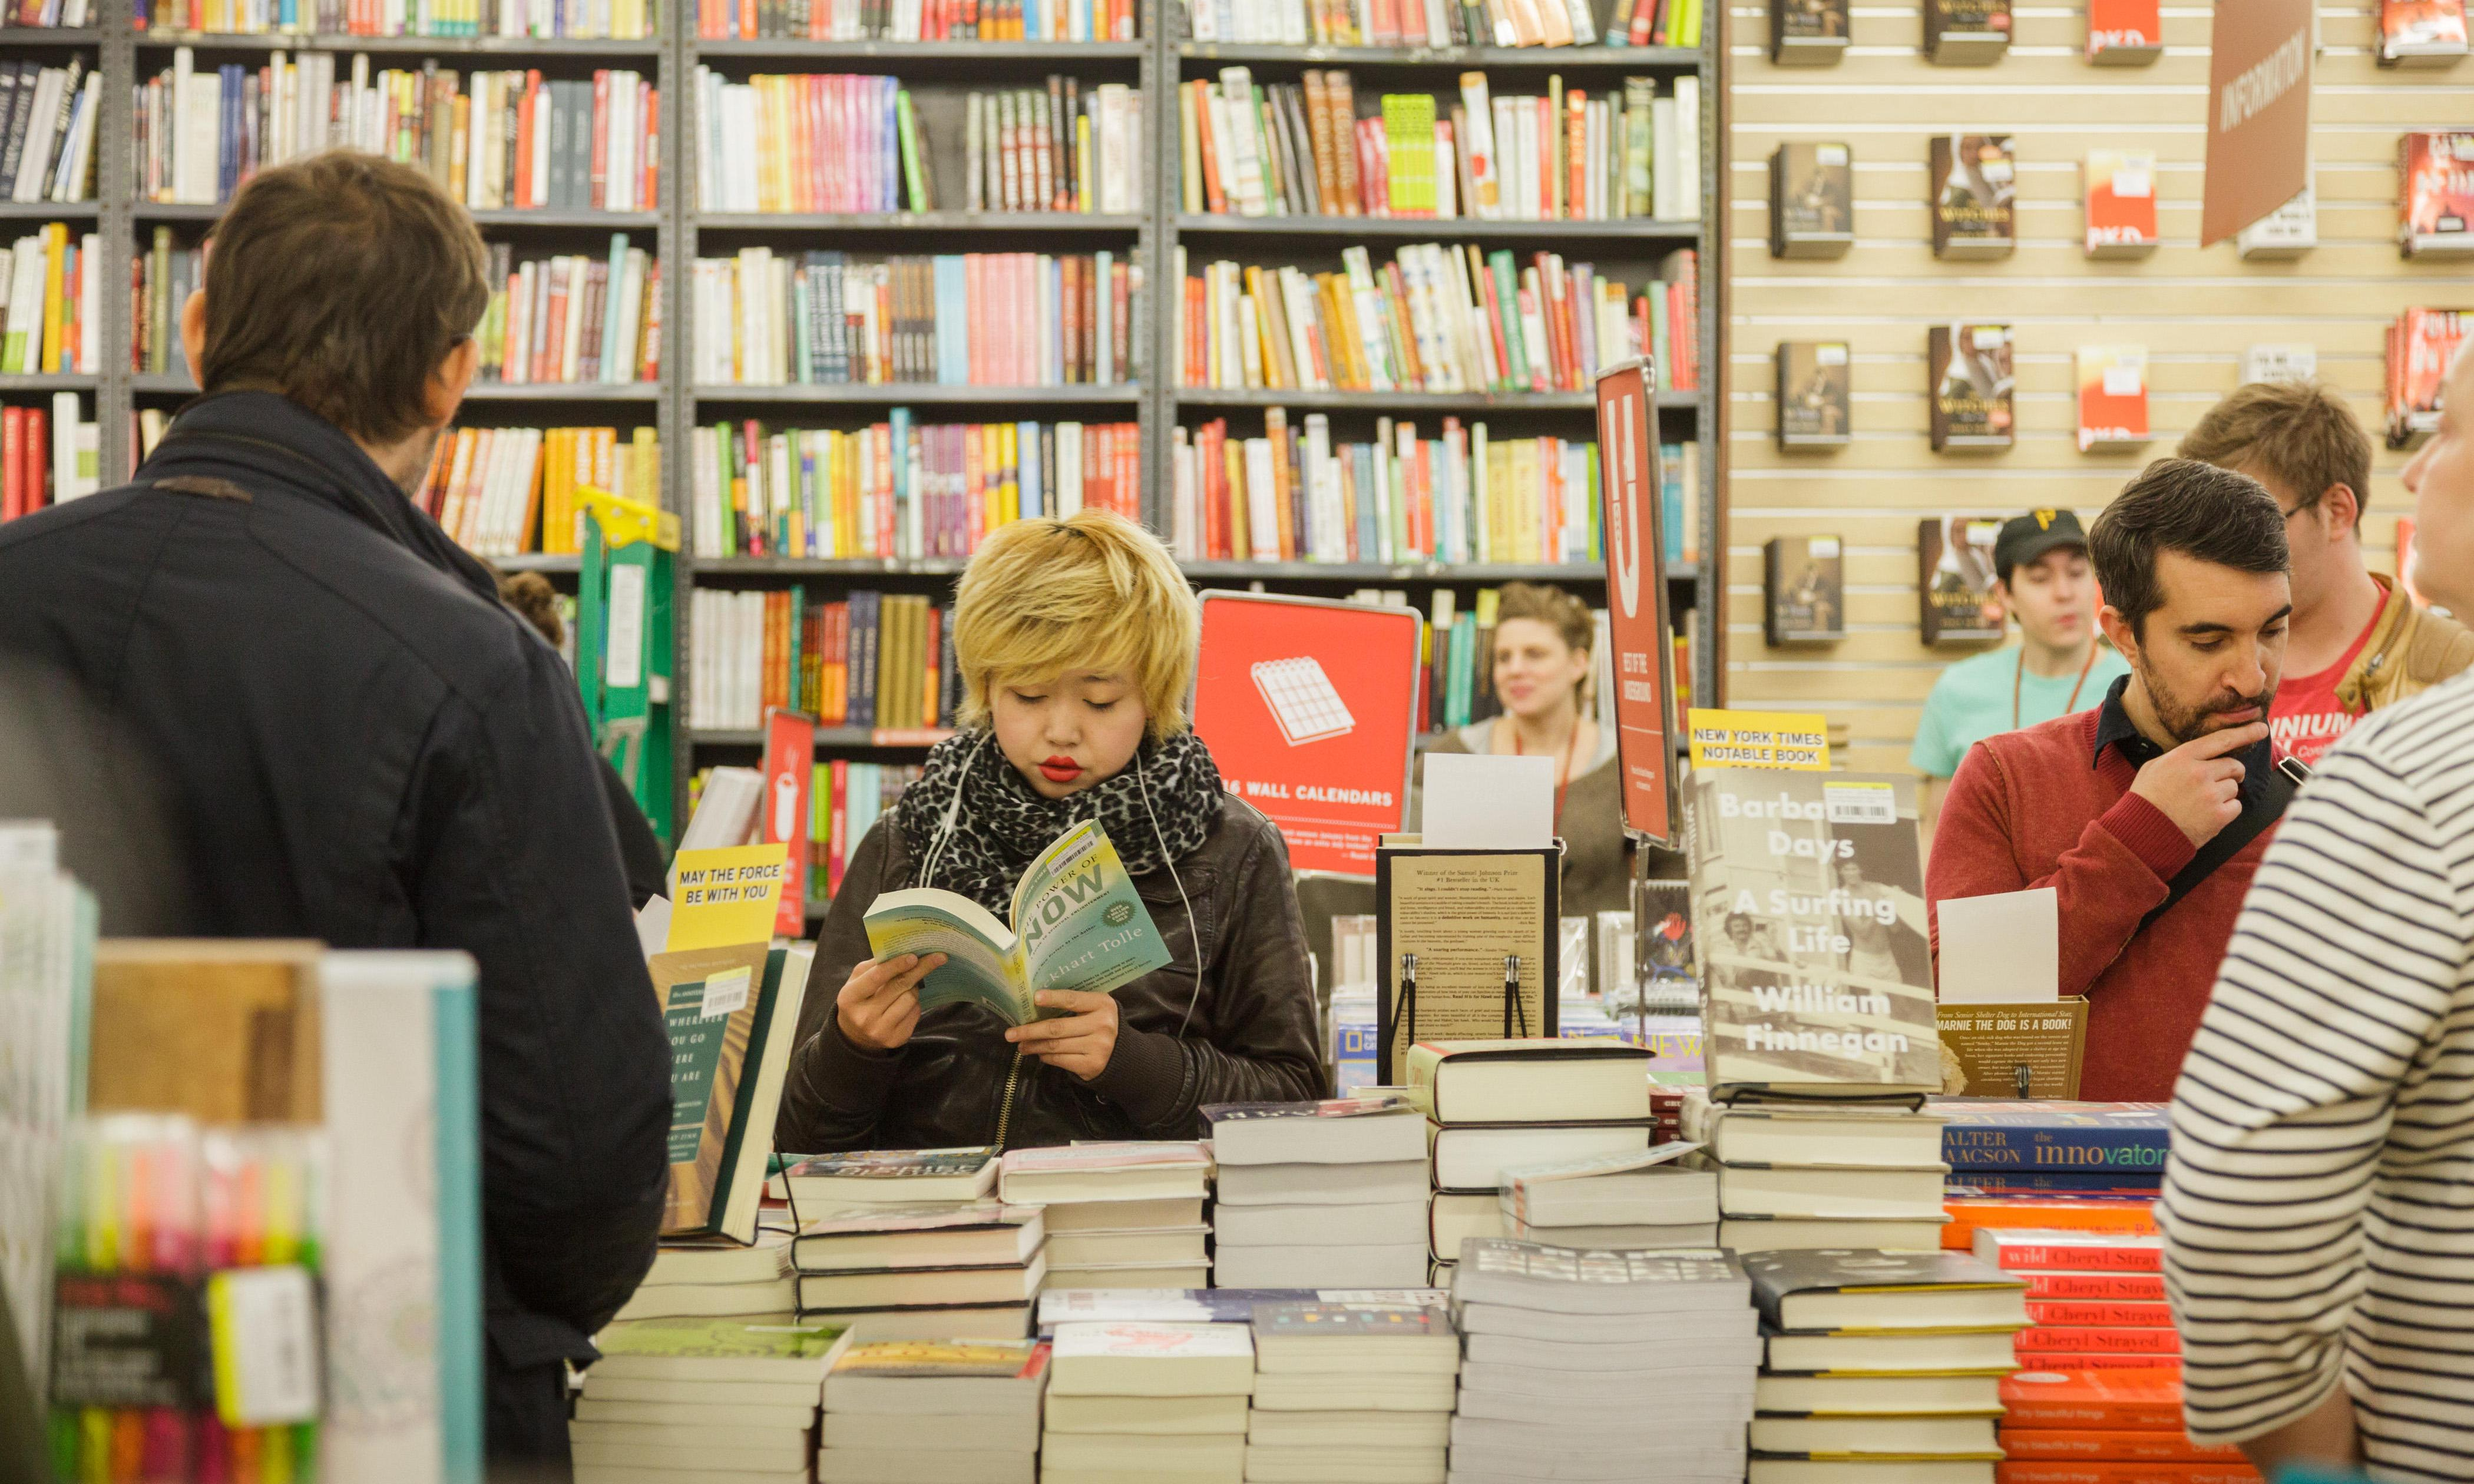 New York's Strand bookshop begs to avoid official landmarking